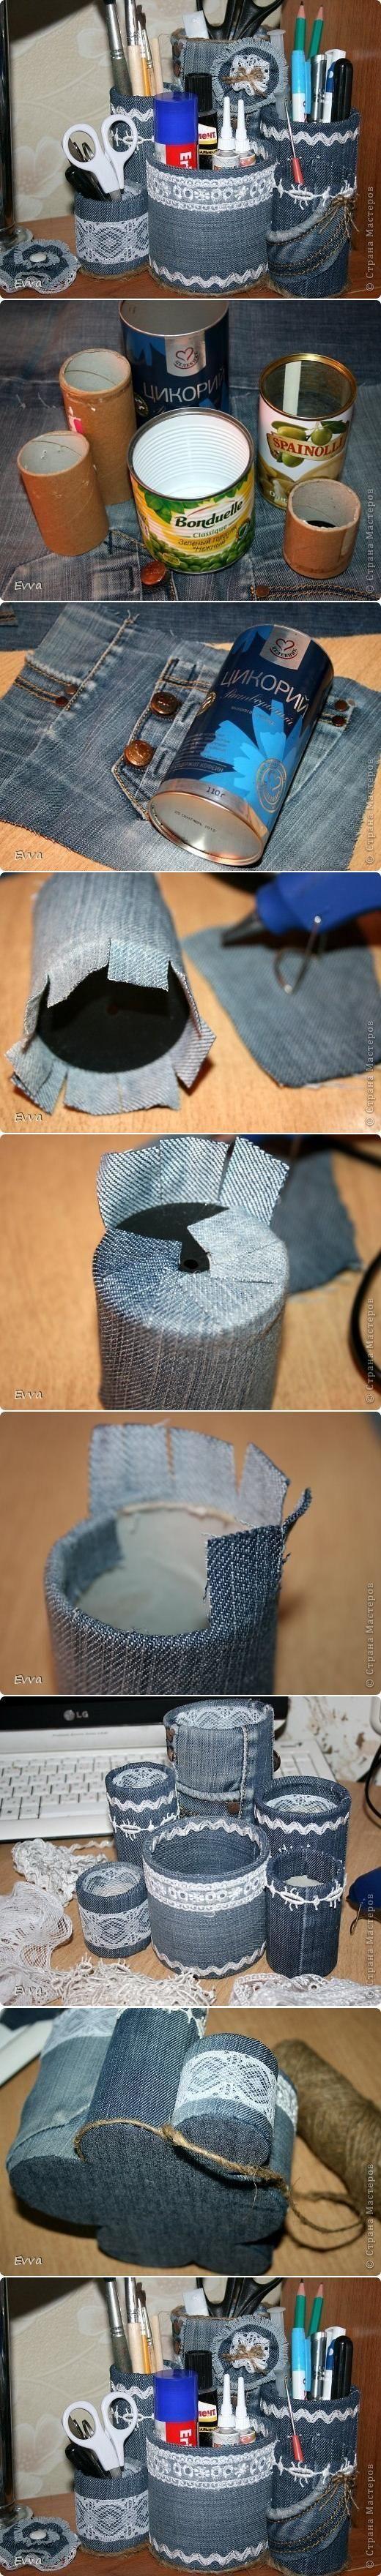 Recyclage cr atif des boites de conserve 23 id es pour vous inspirer - Recycler les boites de conserve ...